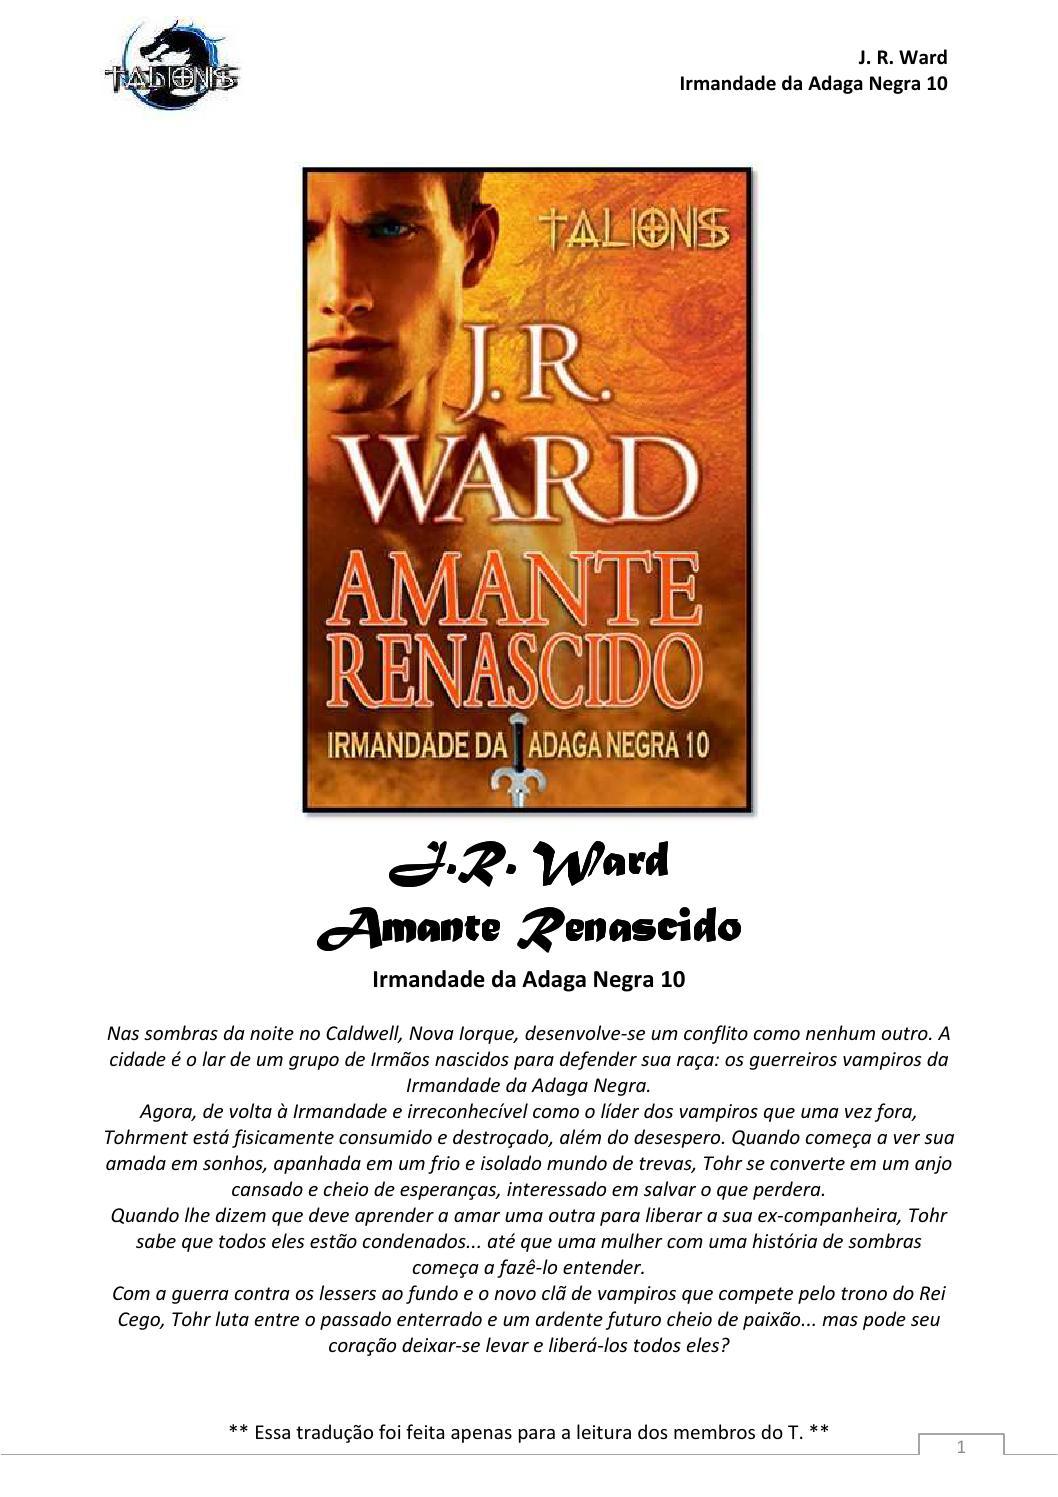 A irmandade da adaga negra livro 10 amante renascido by